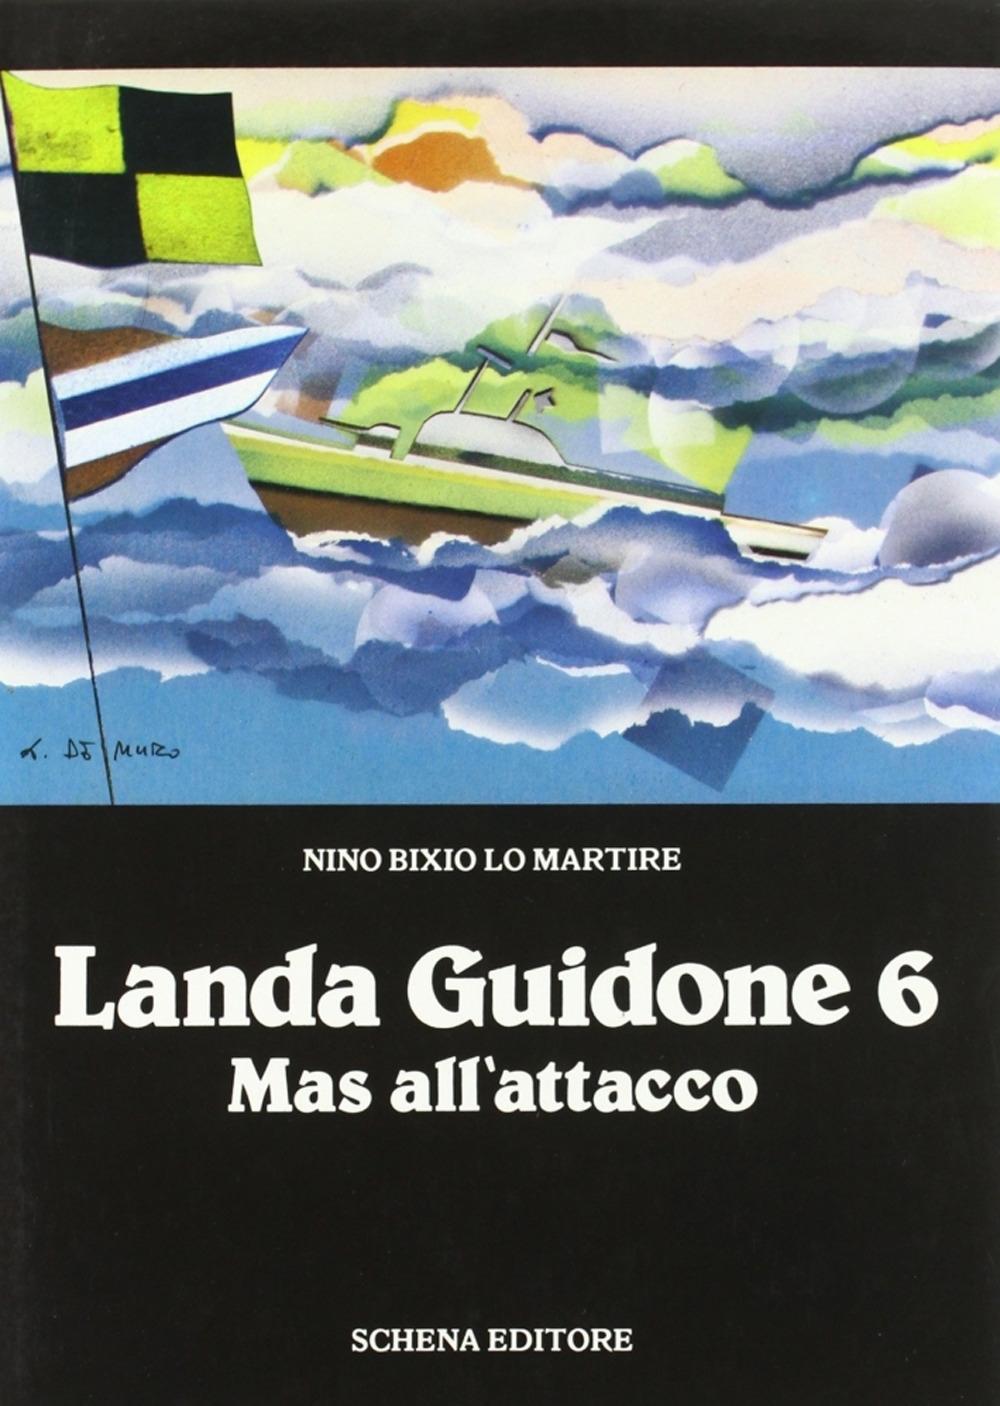 Landa Guidone 6 mas all'attacco